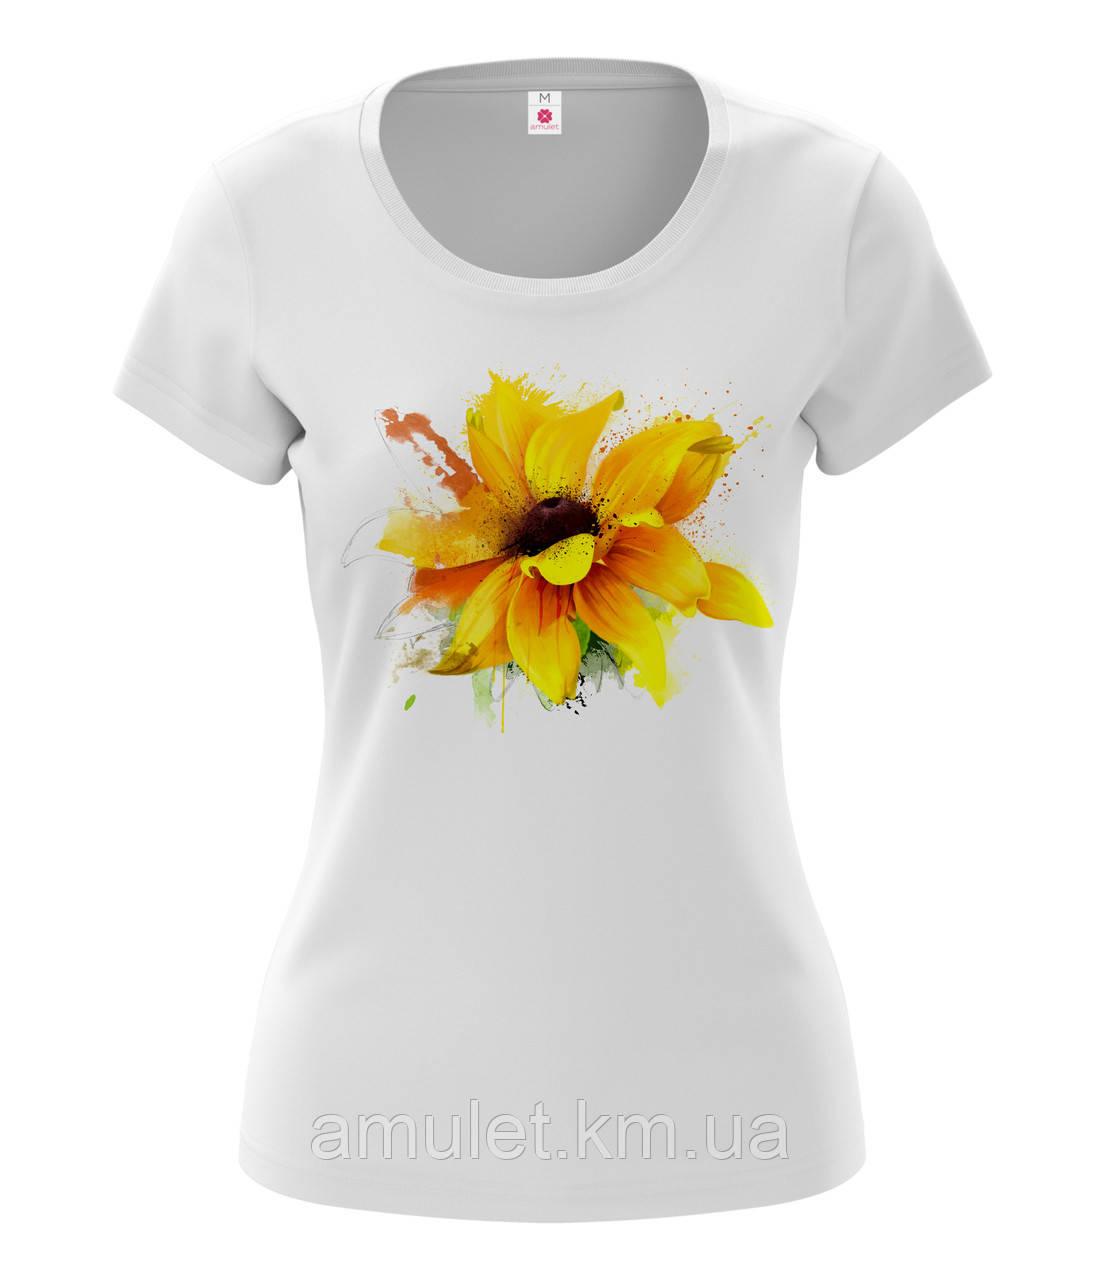 """Футболка жіноча з принтом """"Квітка соняшник"""""""